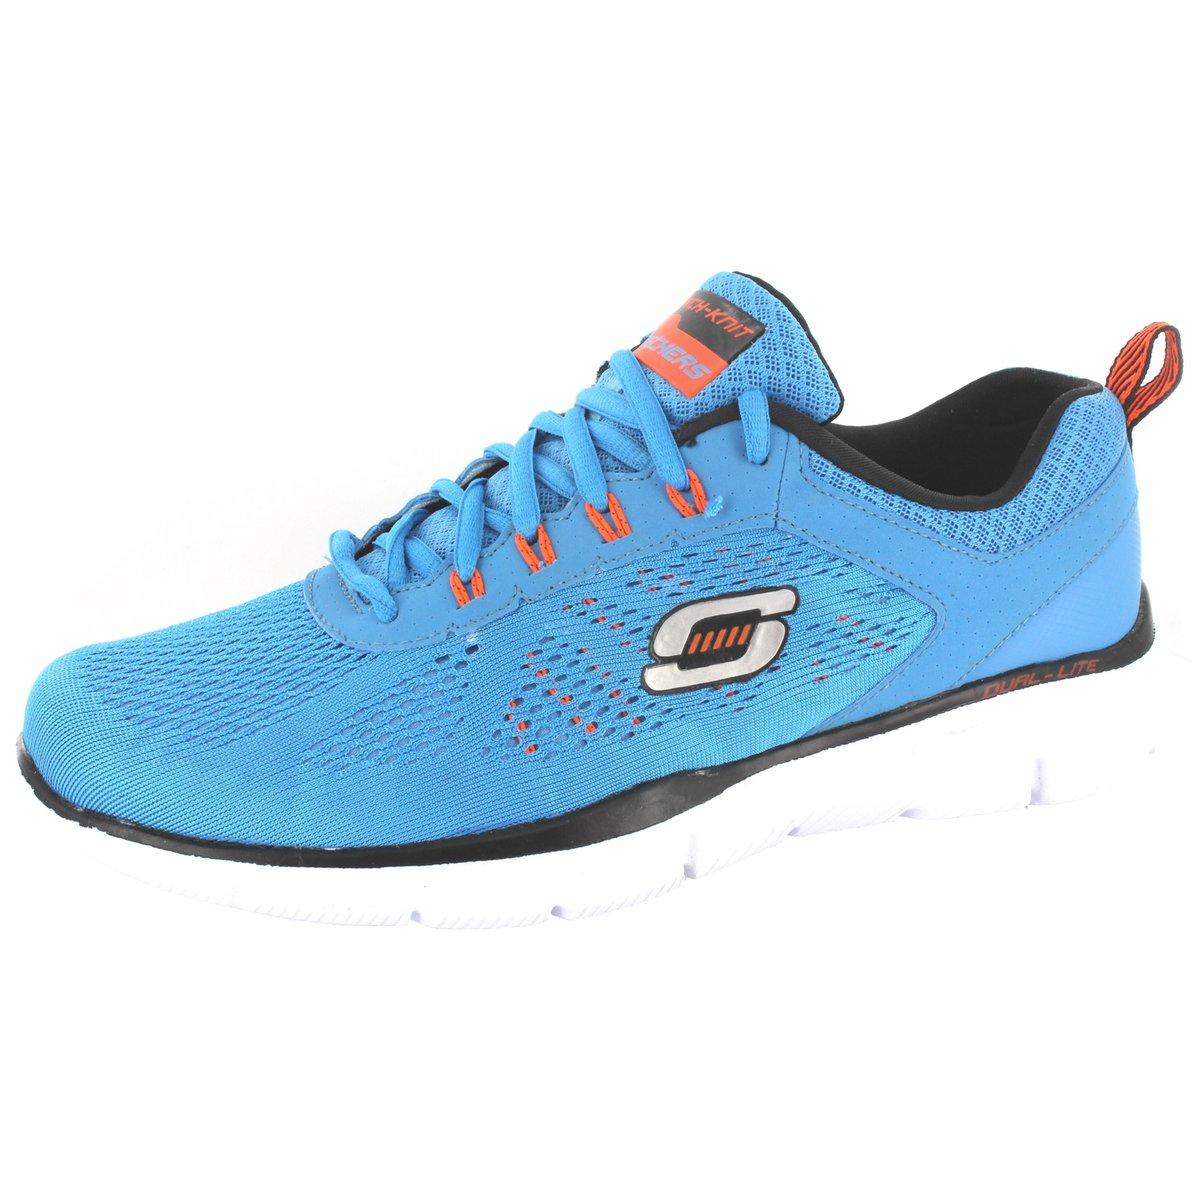 NEU Skechers Herren Sportschuhe 51358 TV Mandat HE 205049 FS15 51358-BLOR blau 205049 HE 6666ec